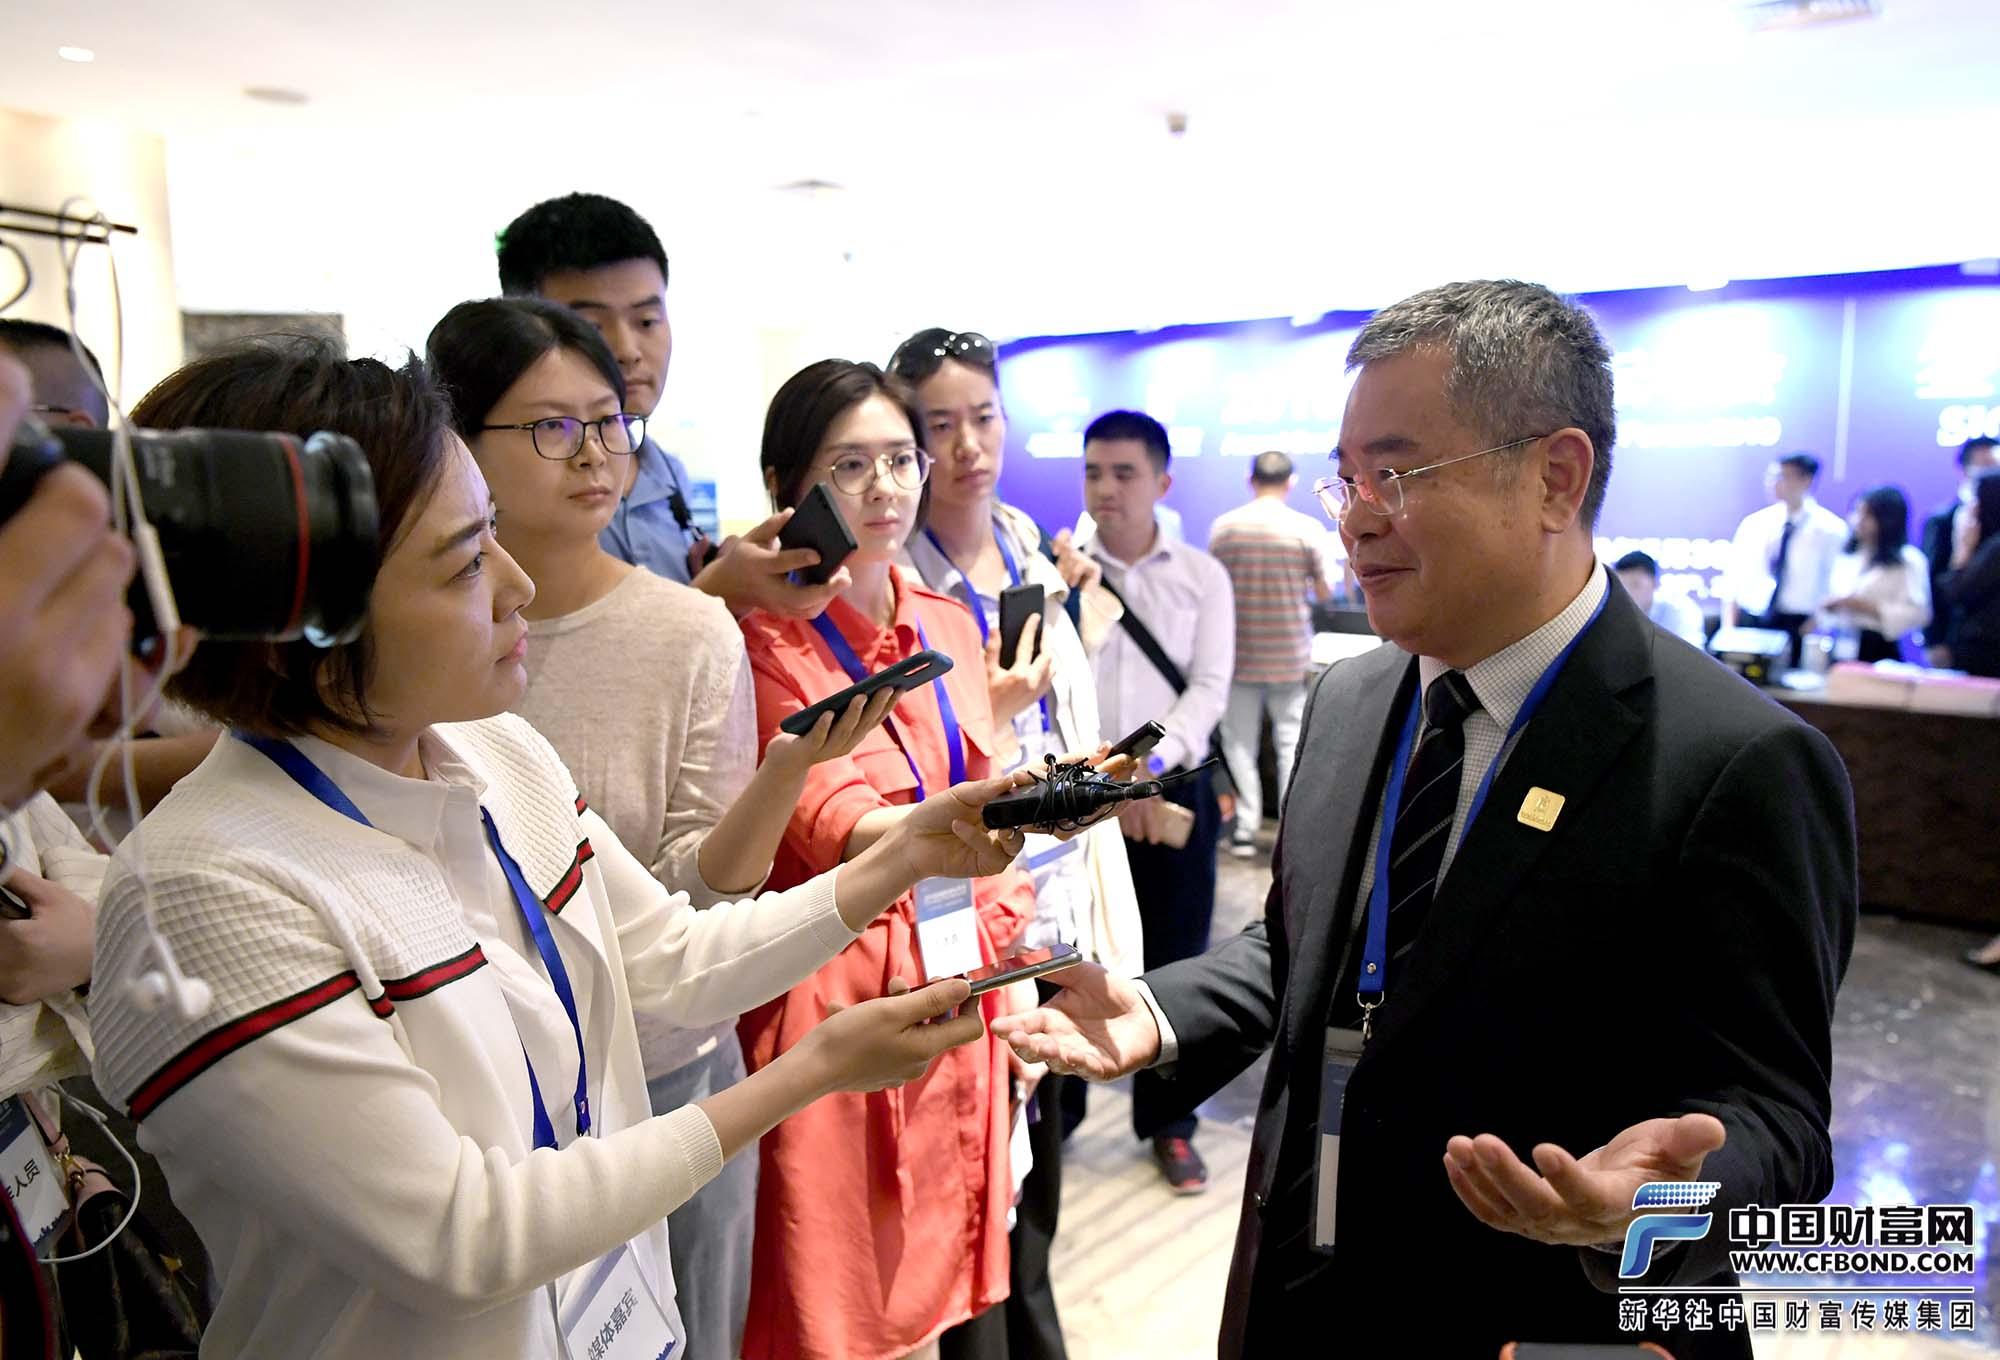 中国财富网记者张静静采访国家金融与发展实验室理事长李扬